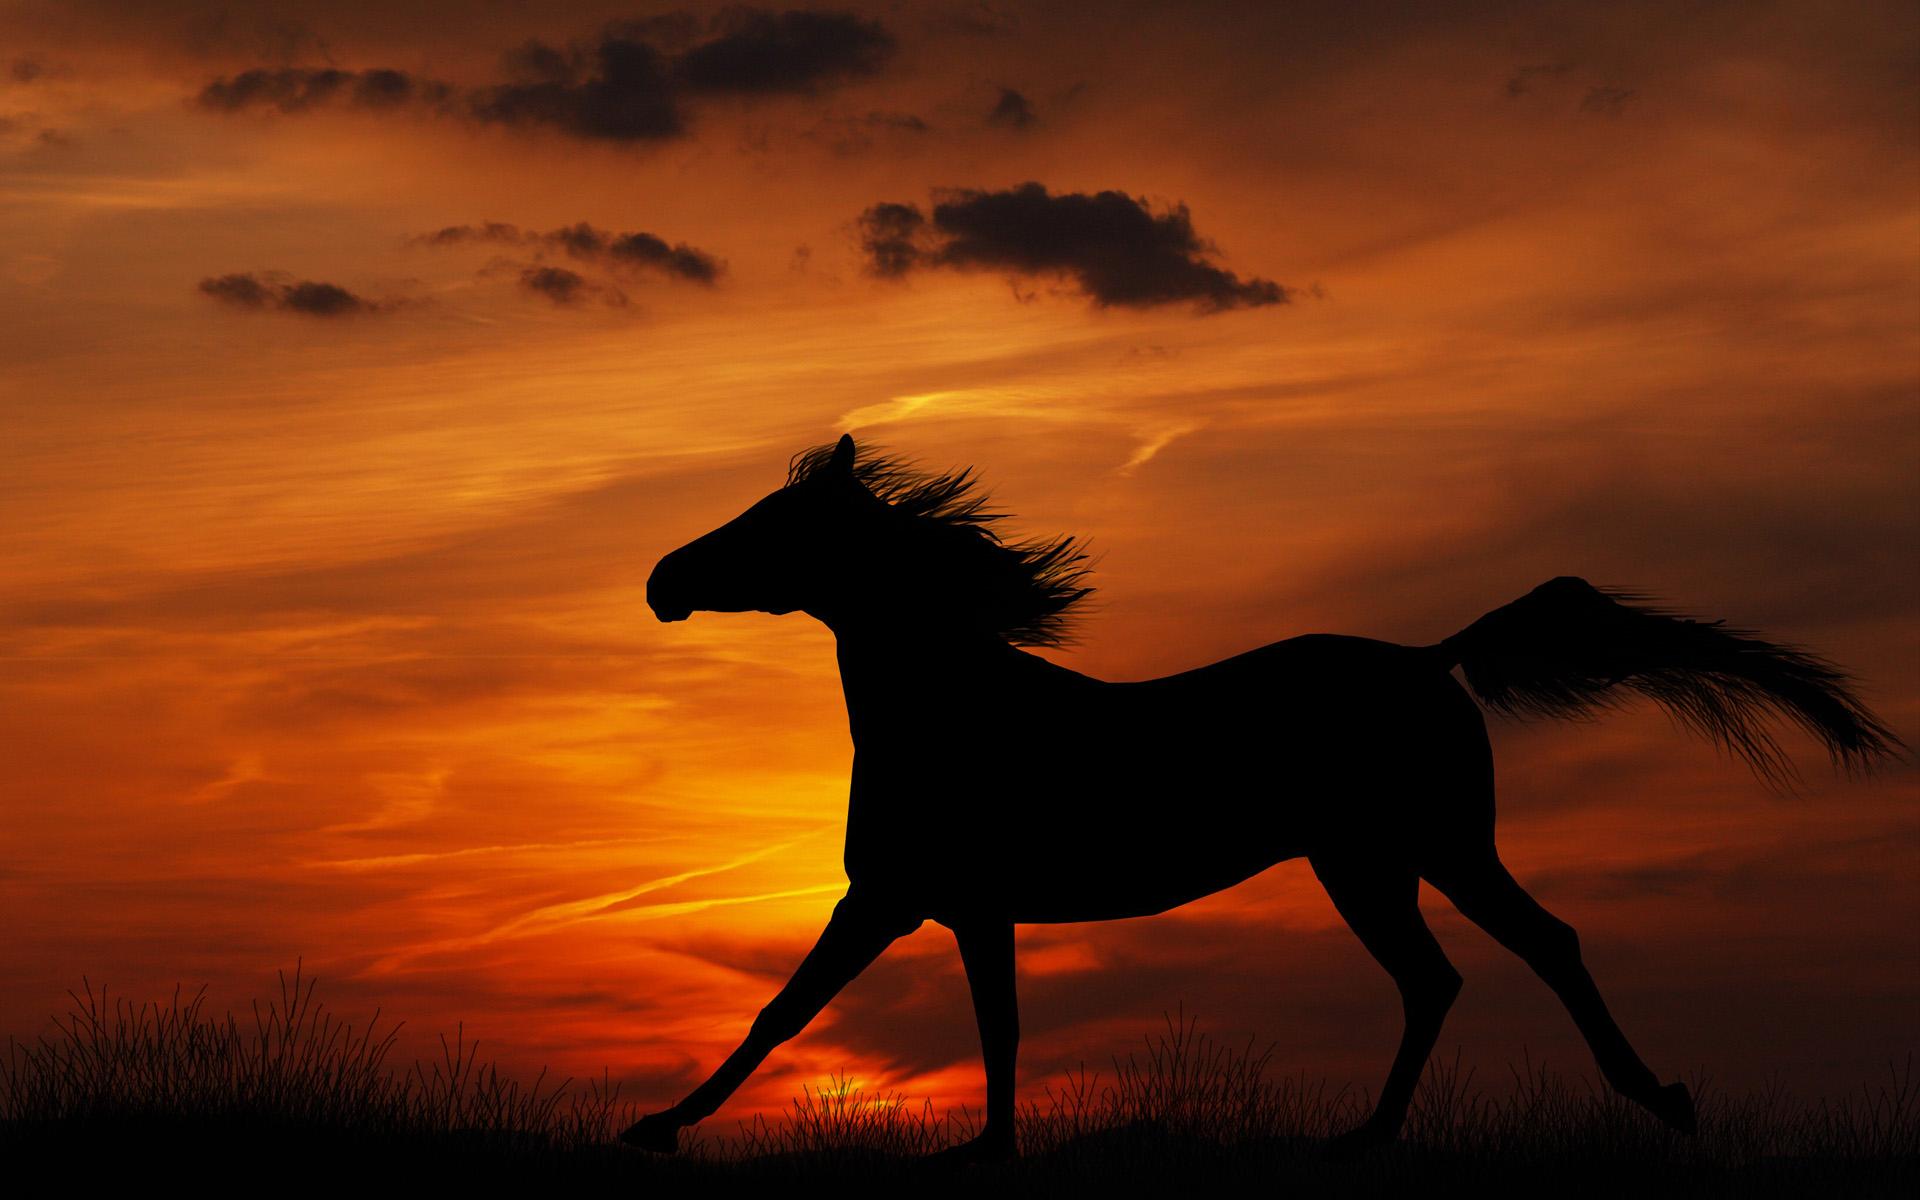 Horse Wallpapers Sunrise - Hd Desktop Wallpapers  4K Hd-9370